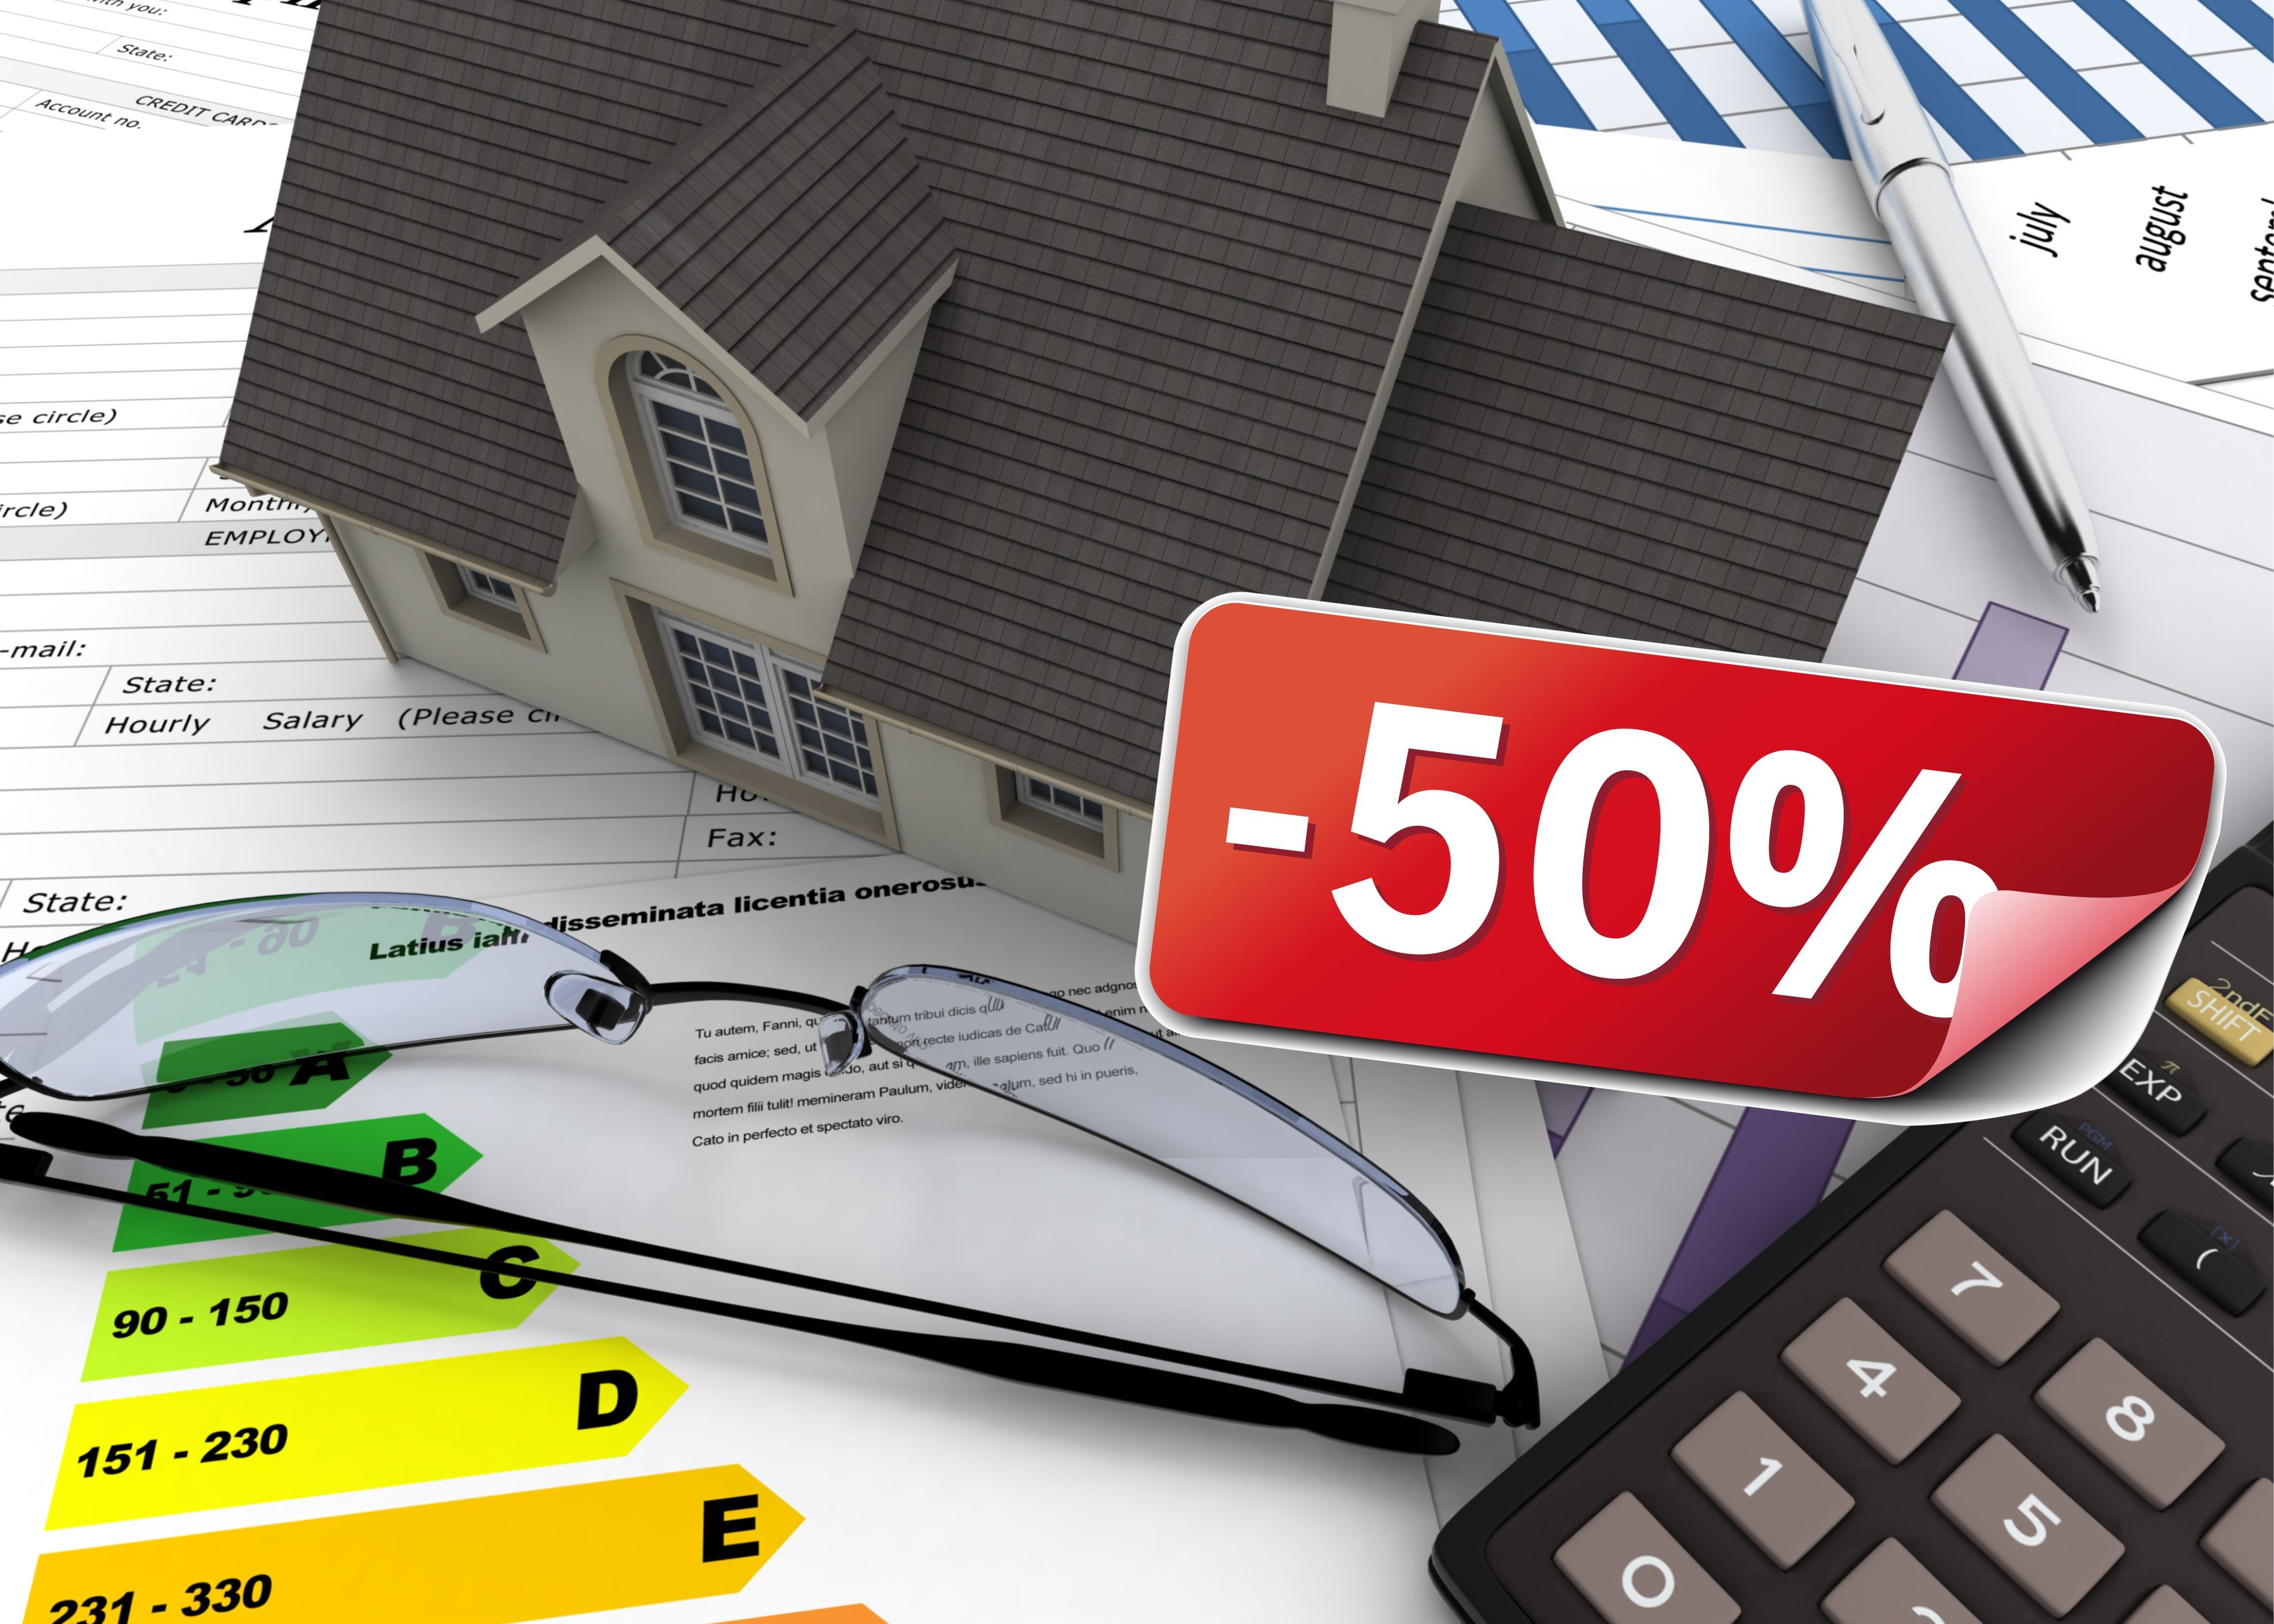 Comunicazione Asl Detrazione 50 Modulo guida al bonus 50% per ristrutturazioni e sostituzione